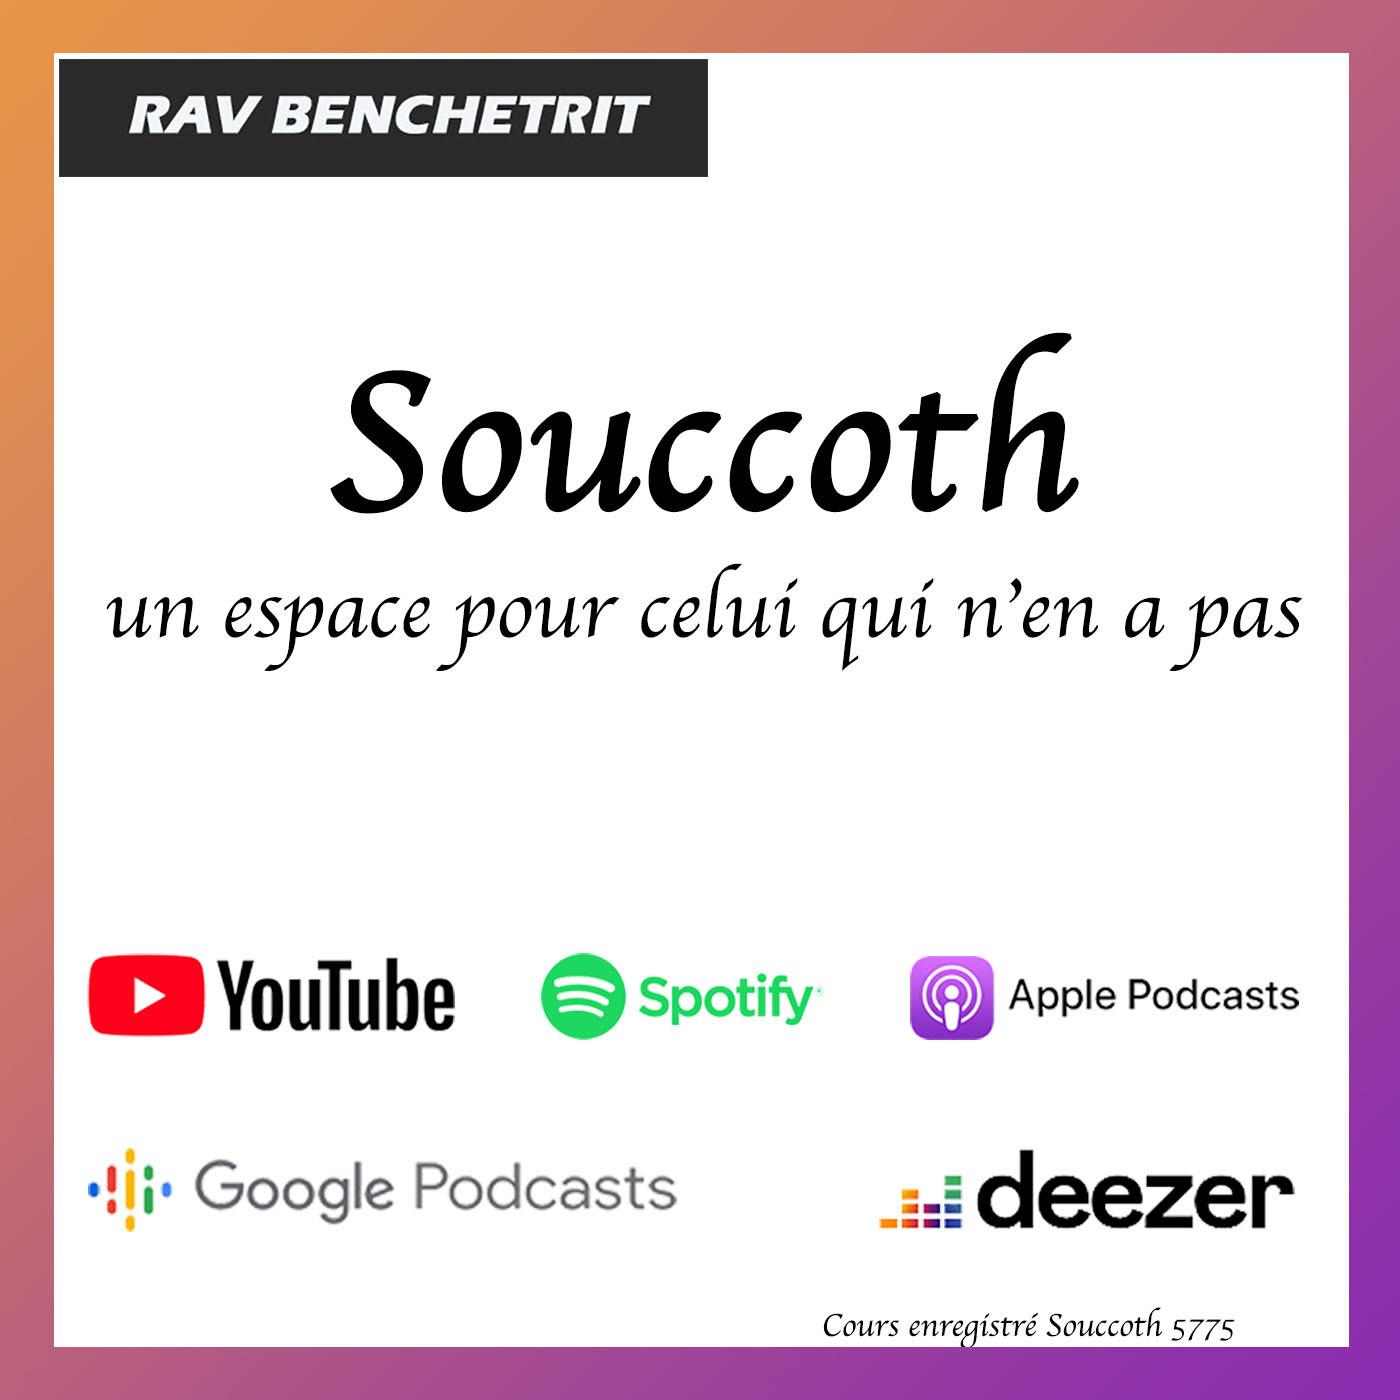 Souccoth, un espace pour celui qui n'en a pas